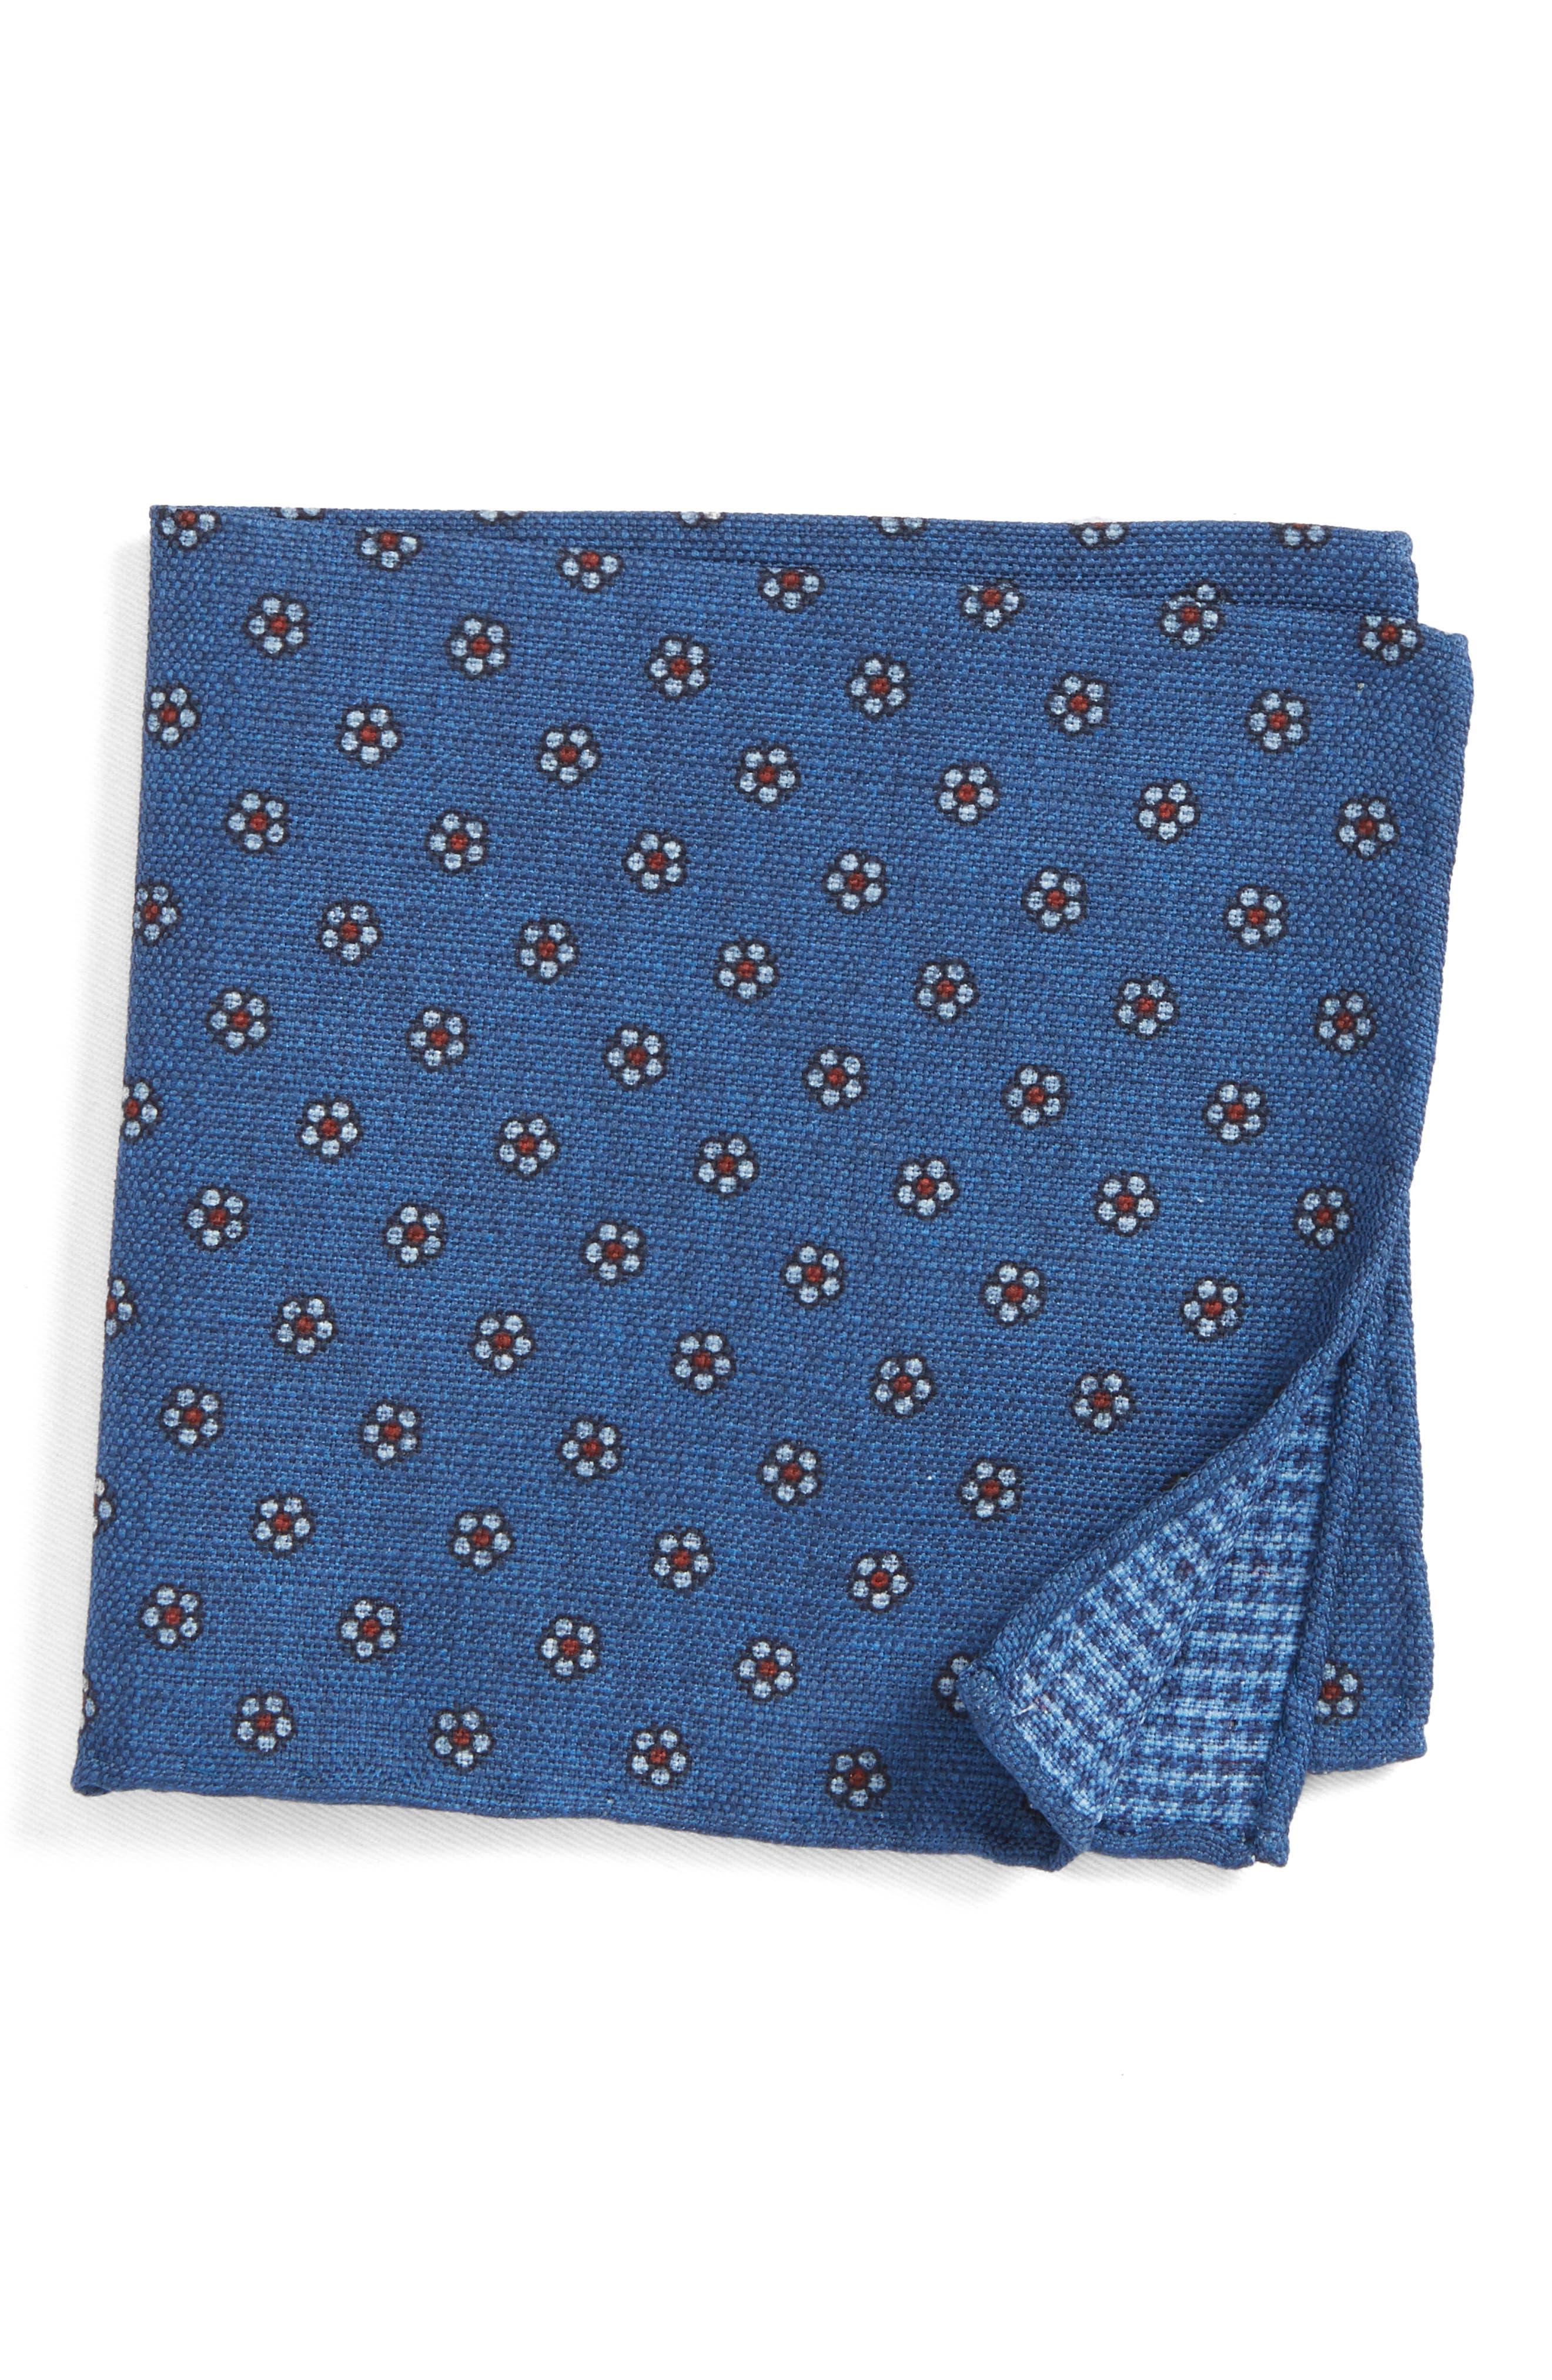 Floral Medallion Pocket Square,                         Main,                         color, Blue